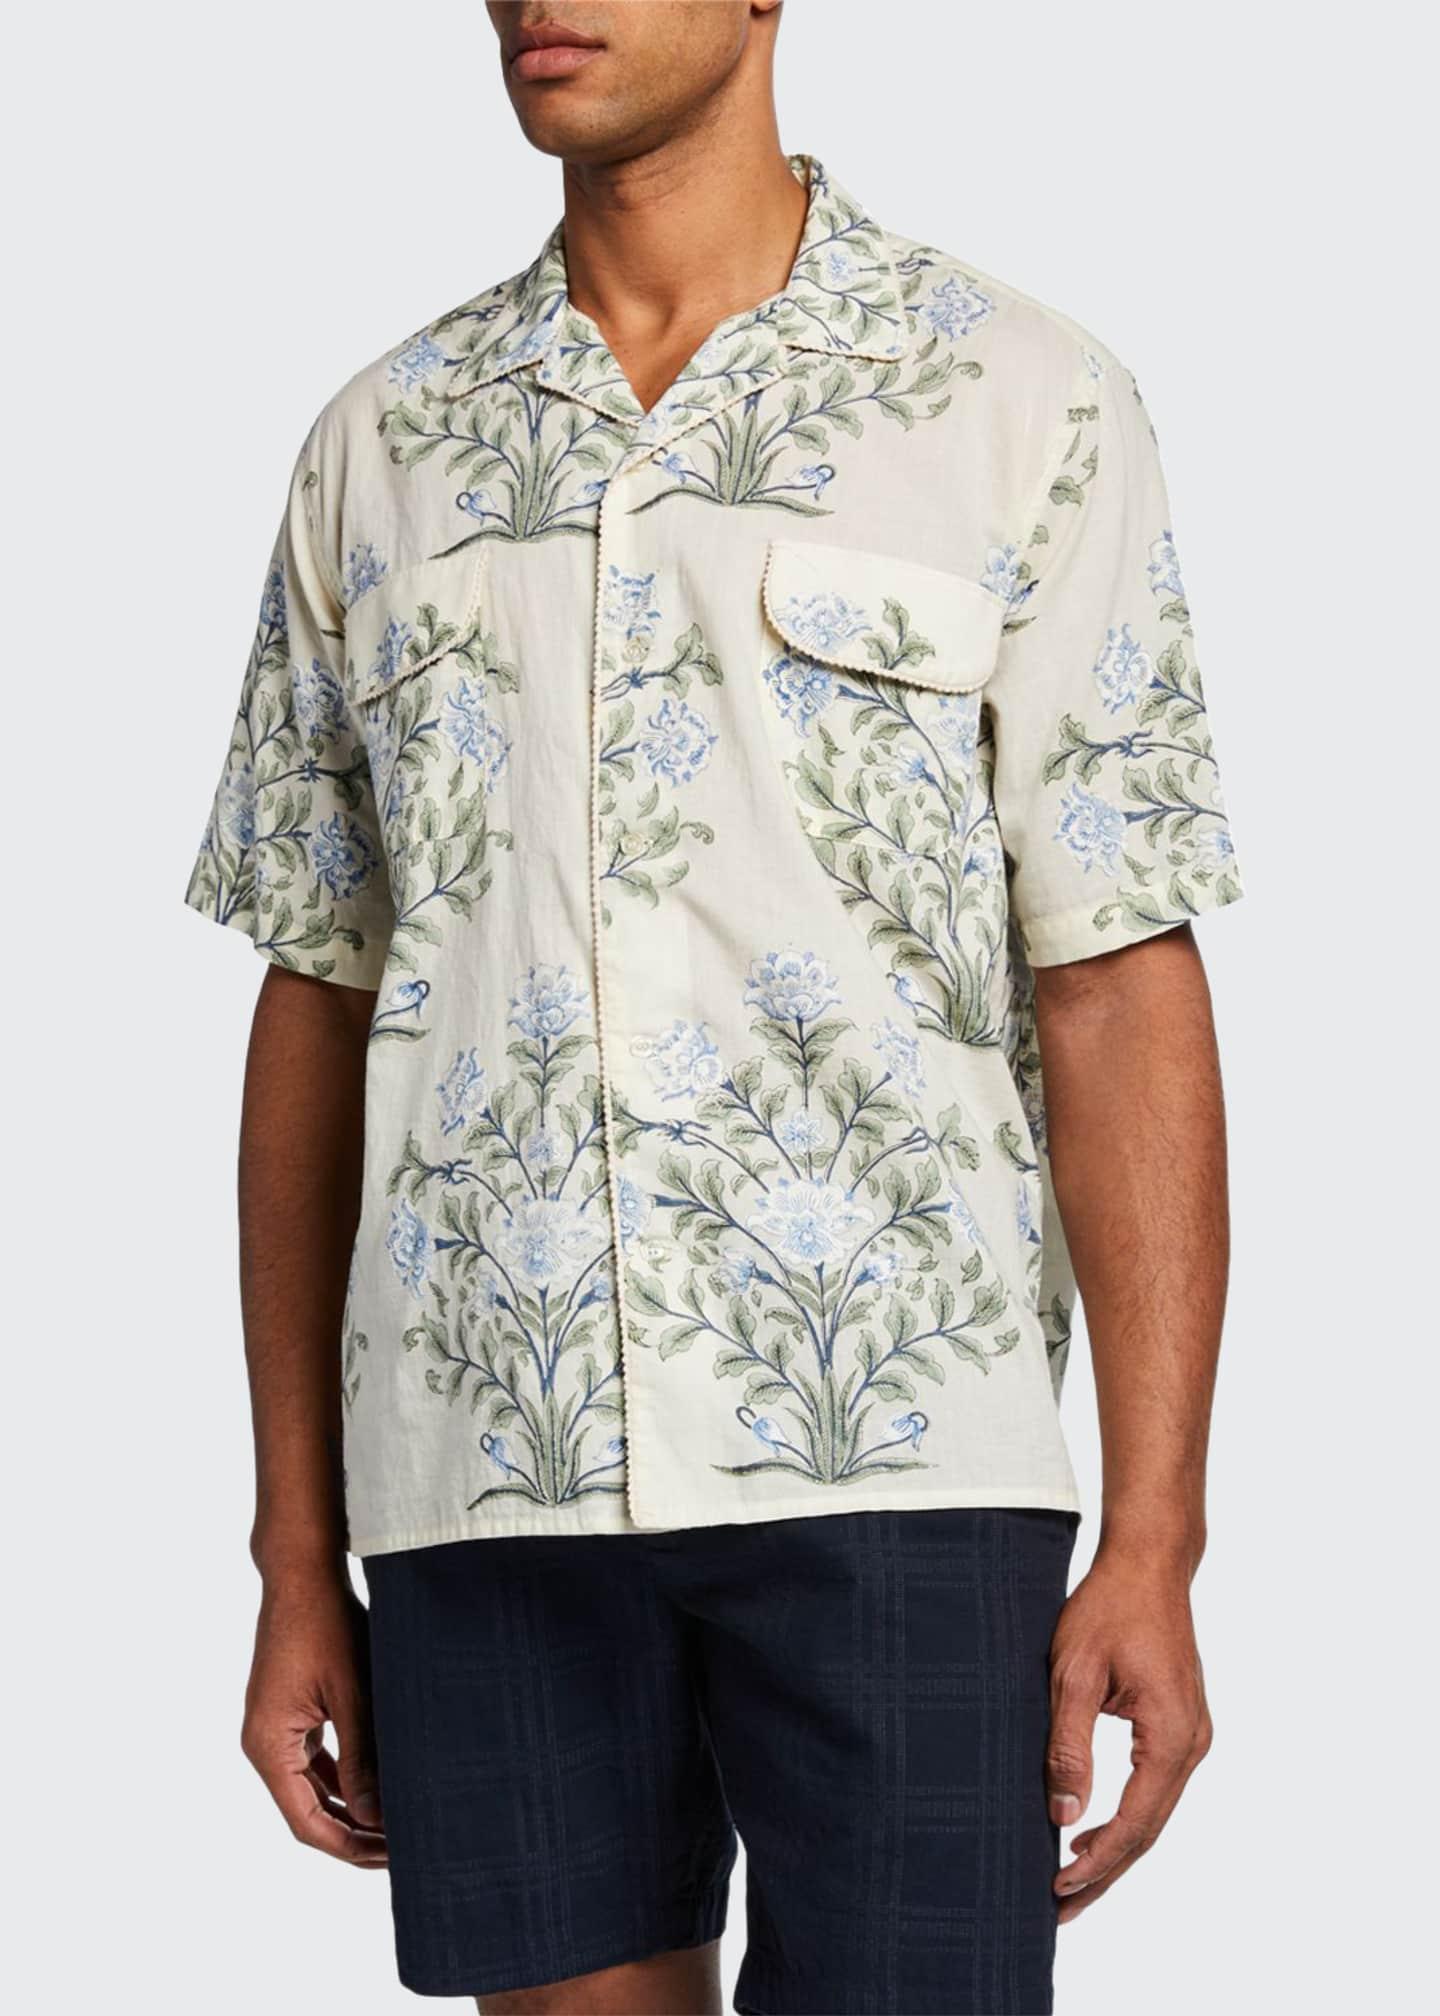 Bode Men's Indo Floral-Print Short-Sleeve Sport Shirt